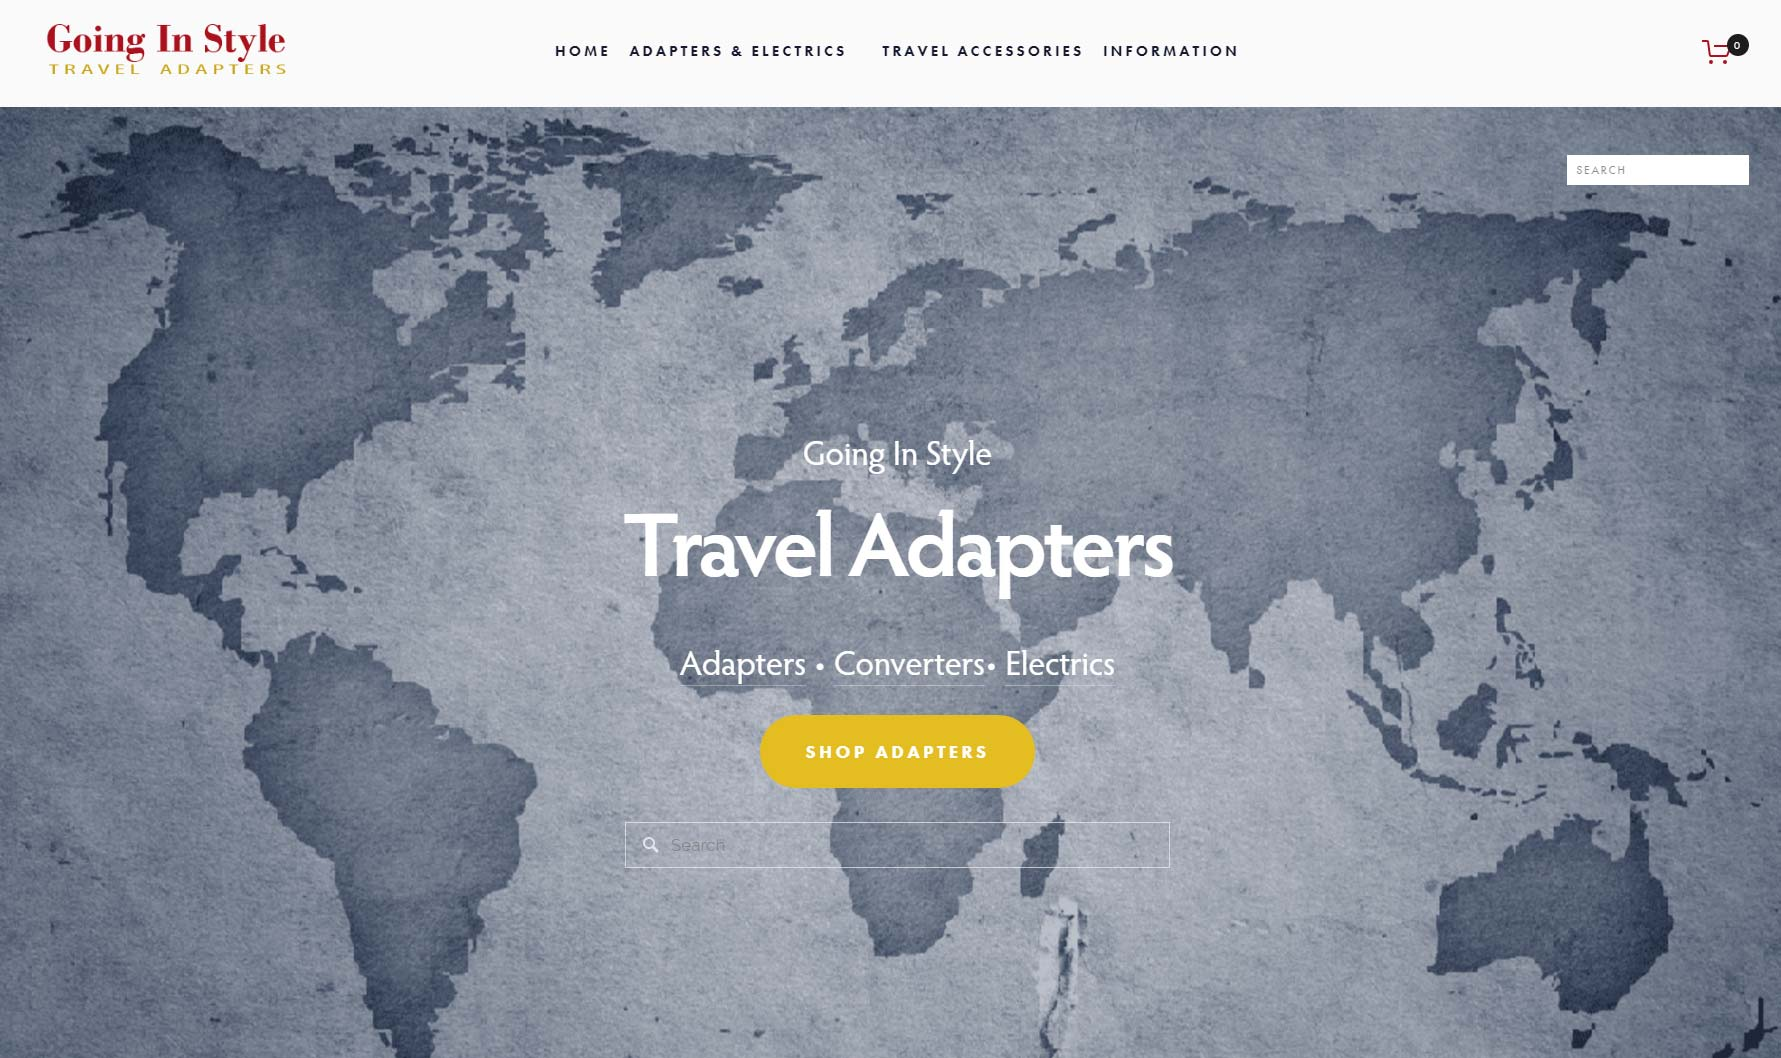 adapter_website_update_homepage_2017.jpg